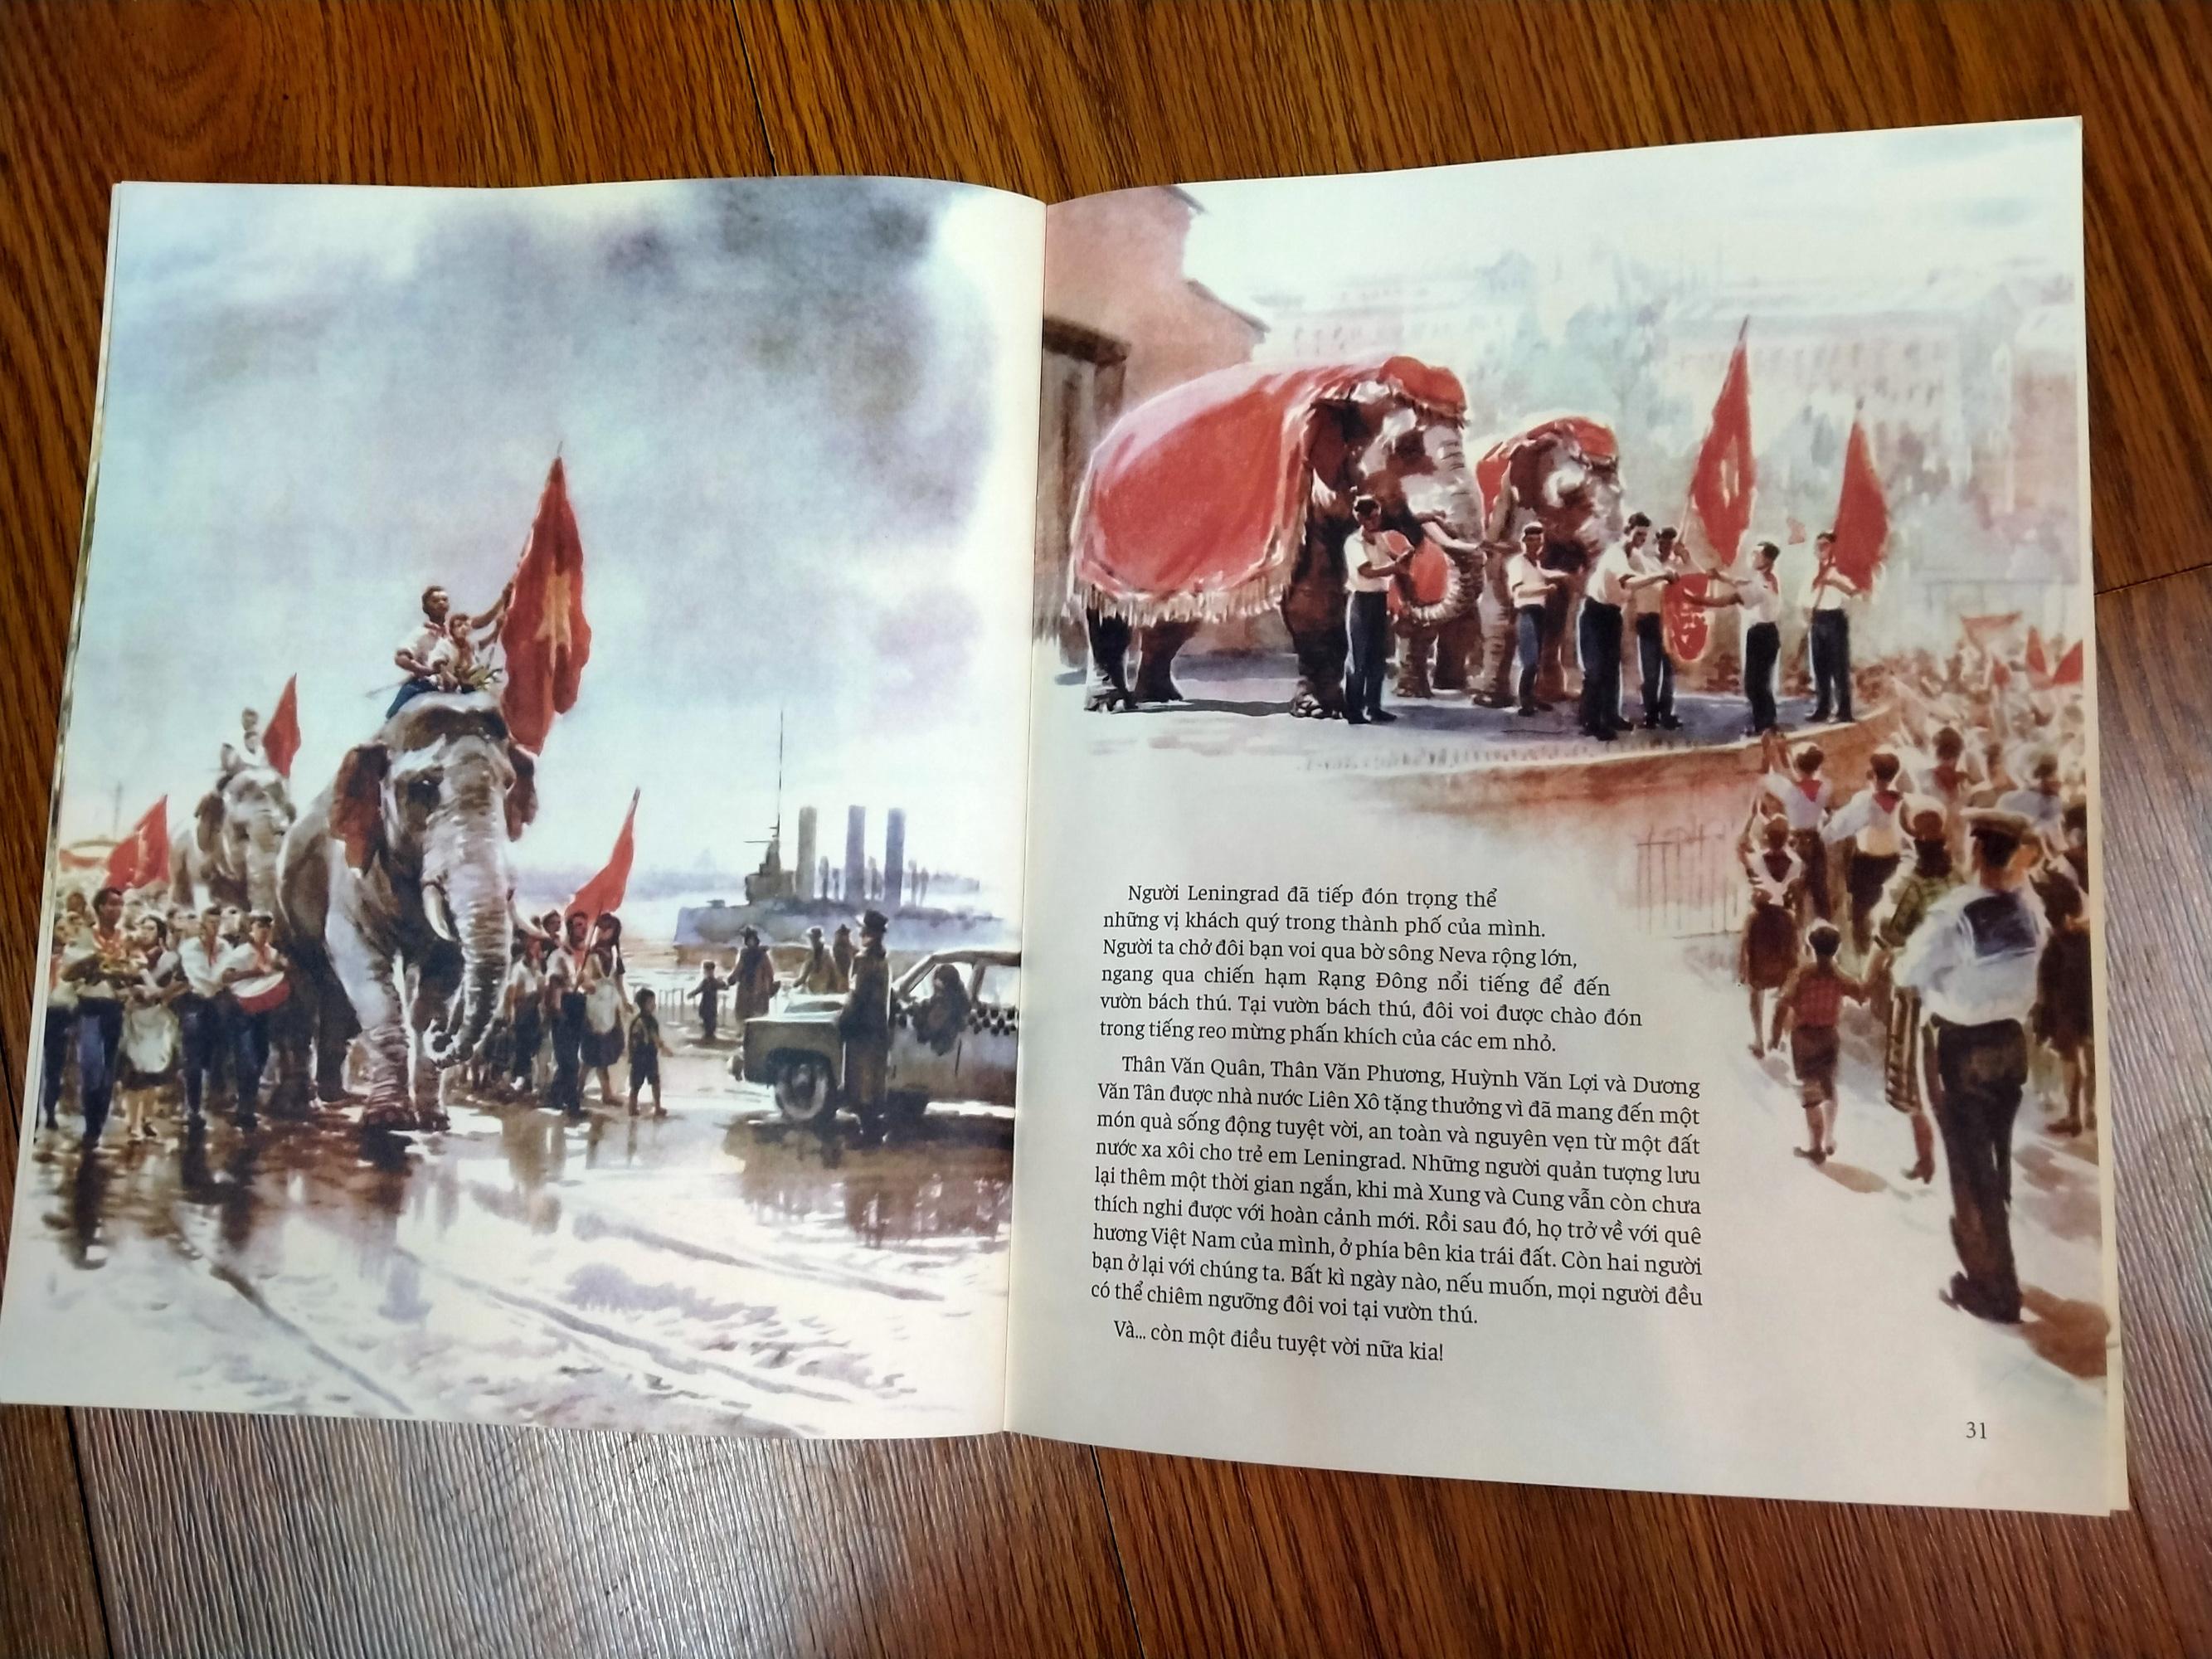 Lần đầu hé lộ chuyện 2 chú voi Việt Nam đến Nga 65 năm trước